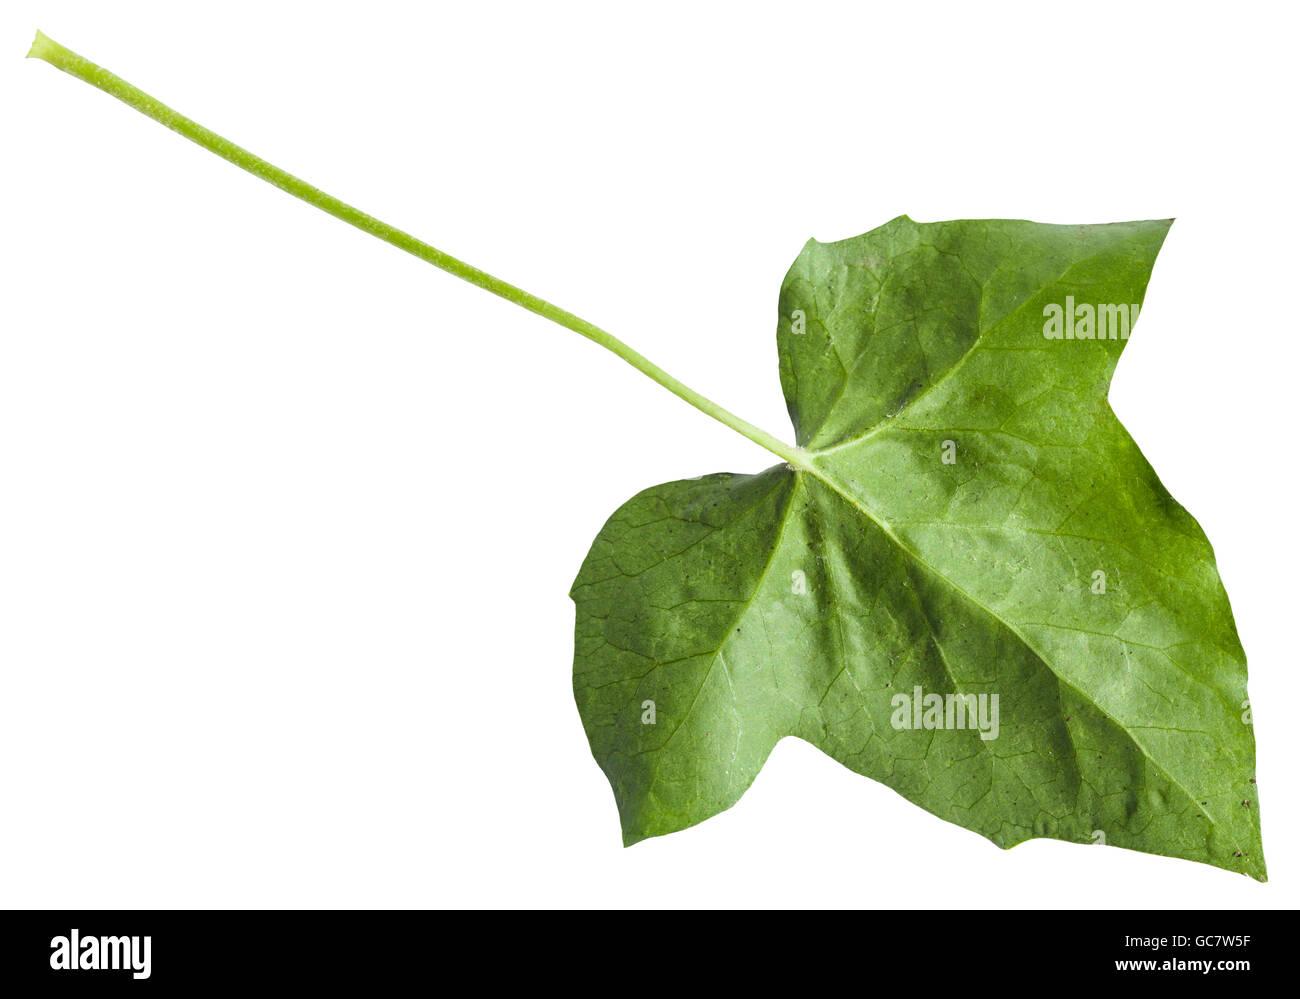 Rückseite Des Grünen Blatt Hedera (Efeu) Pflanzen